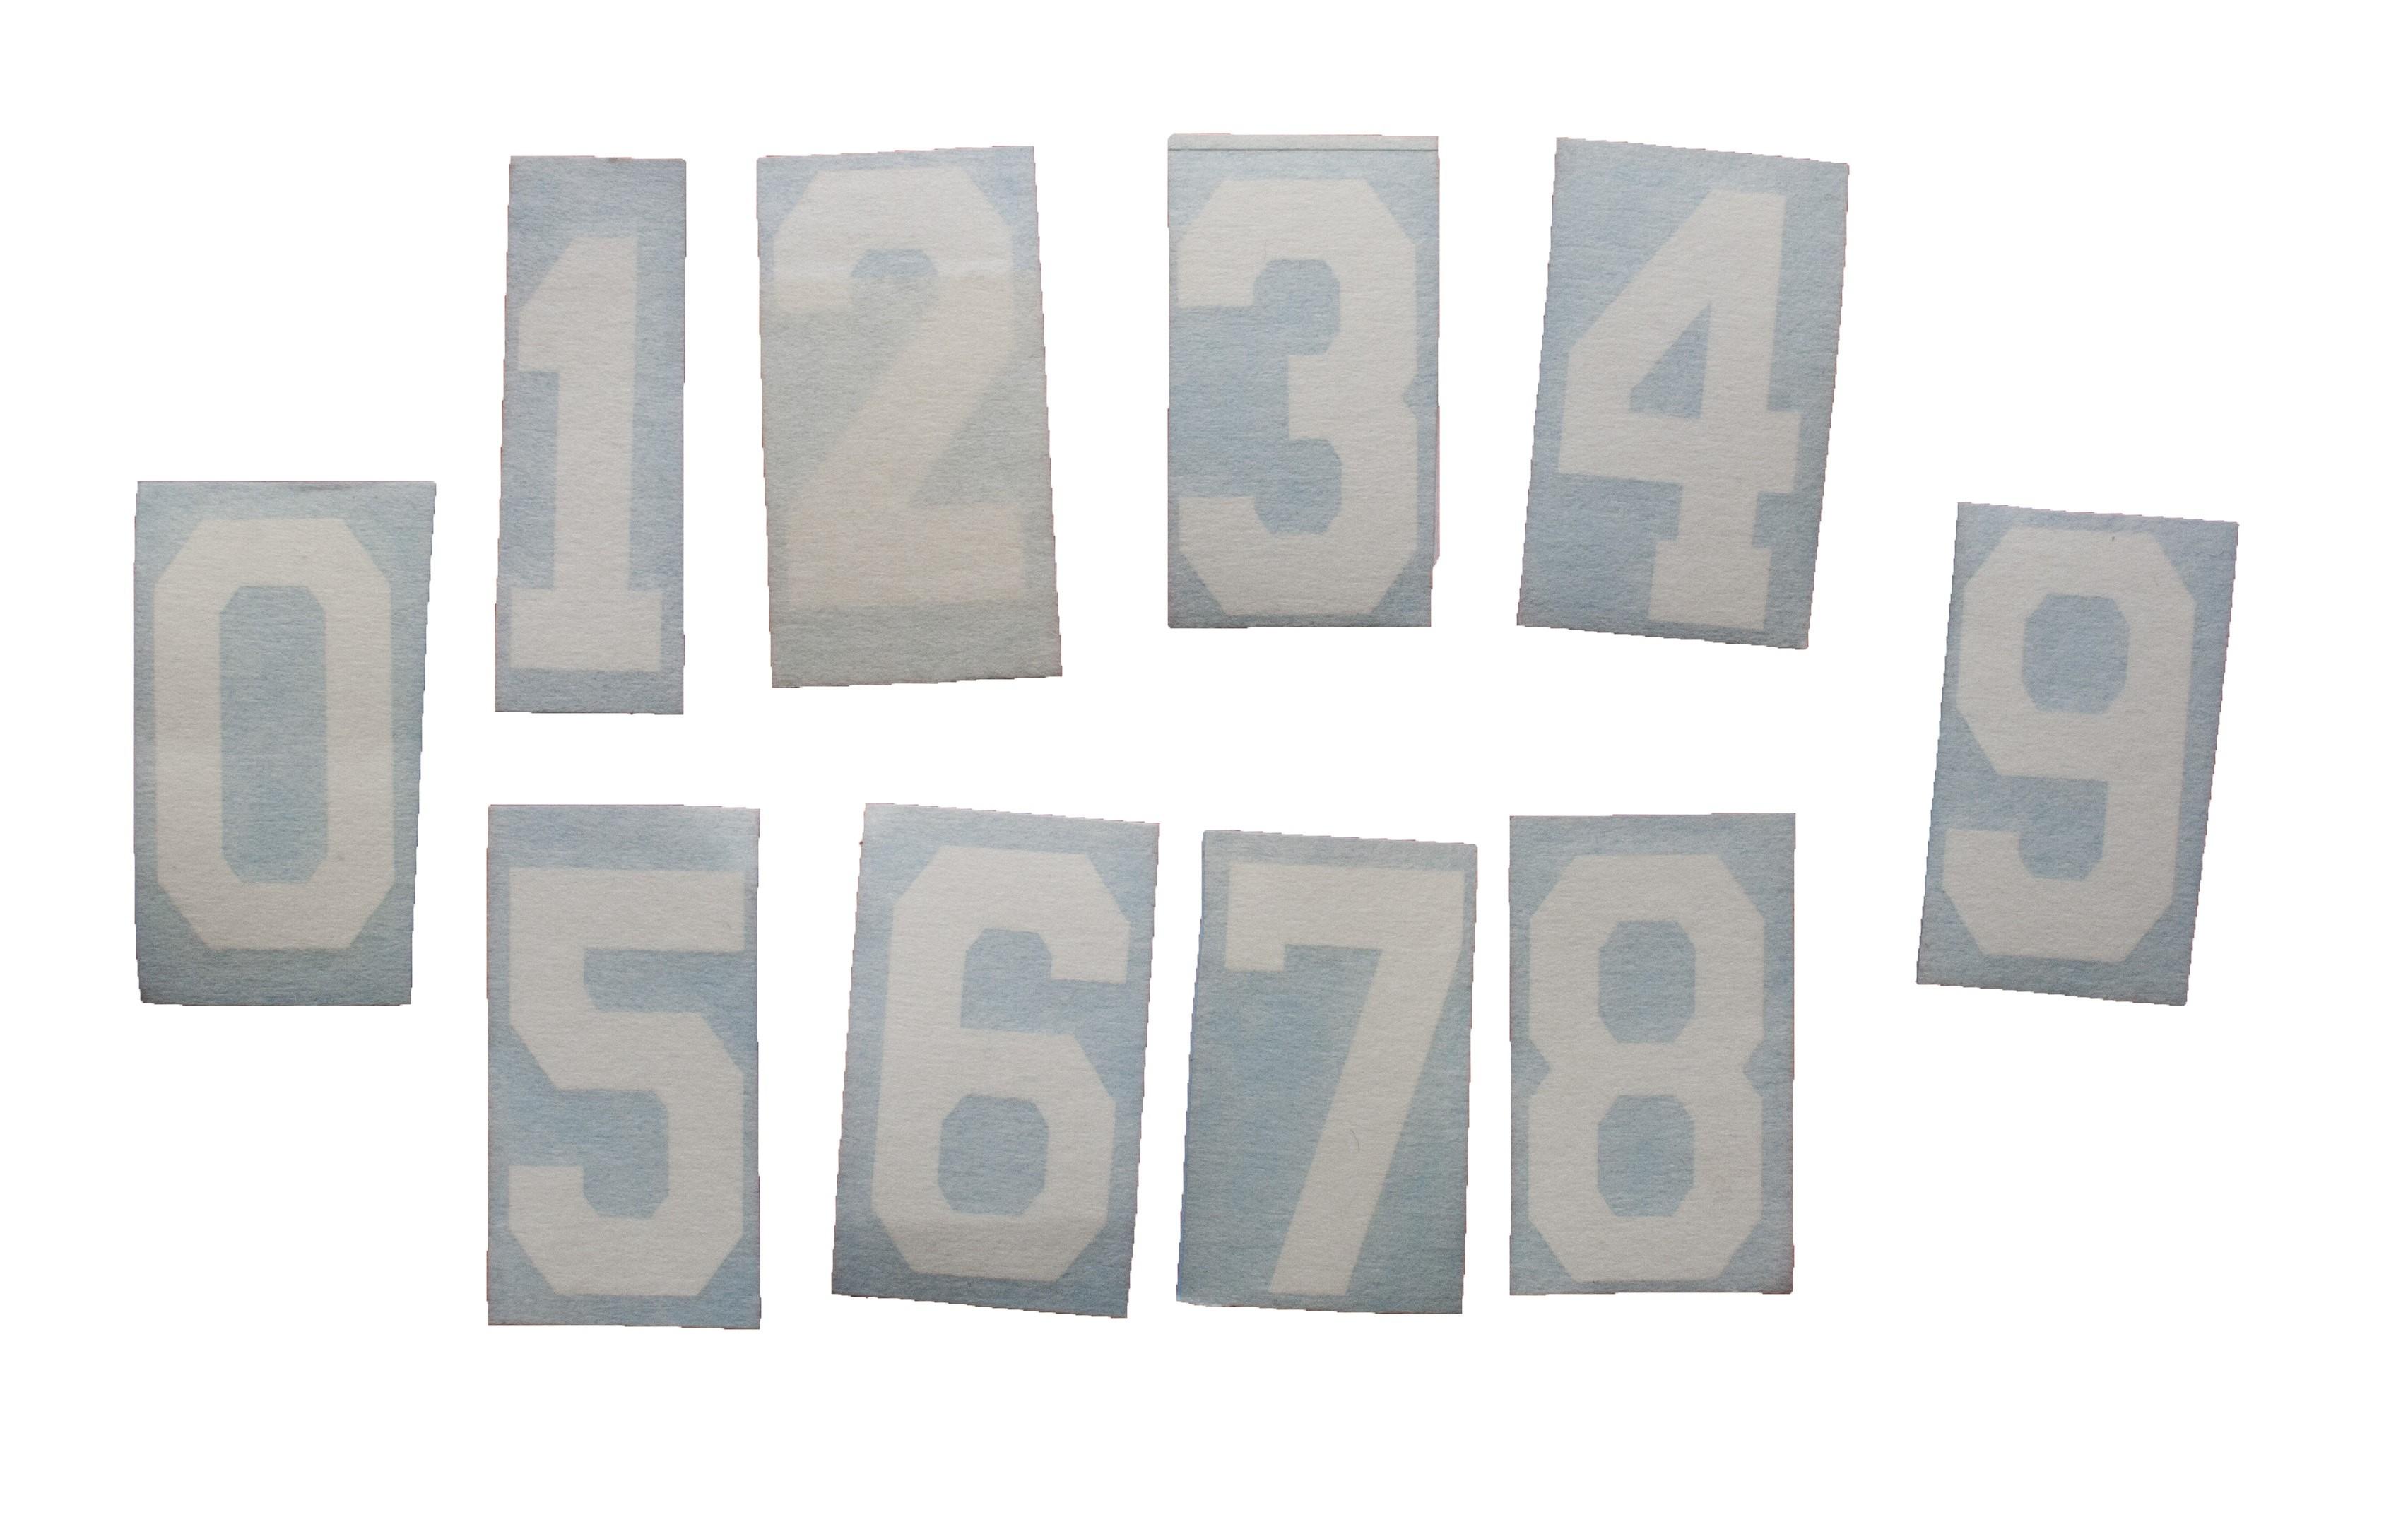 HOKEJAM.LV Helmet Bold Number Sticker White